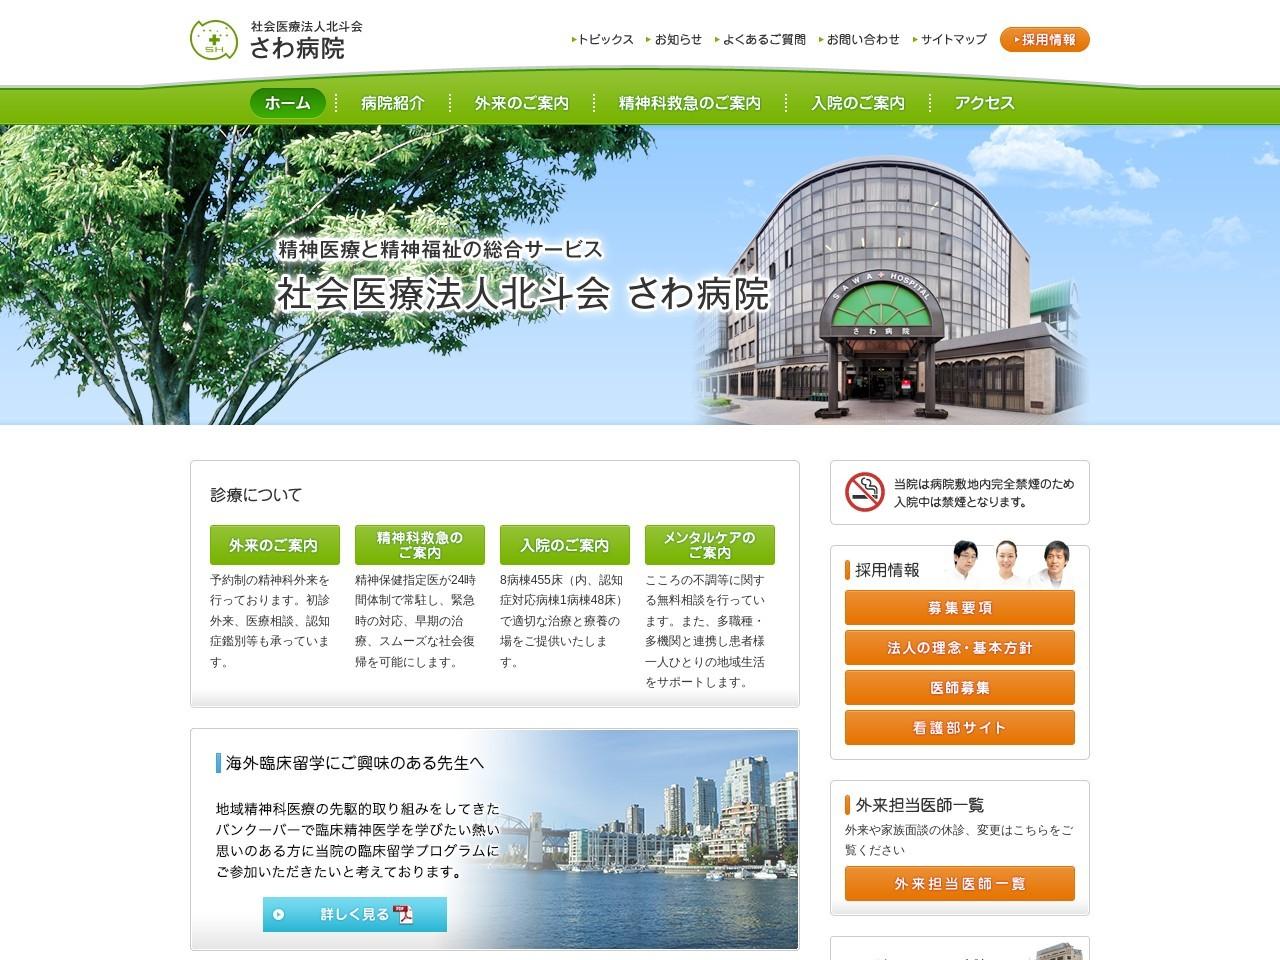 社会医療法人北斗会  さわ病院 (大阪府豊中市)